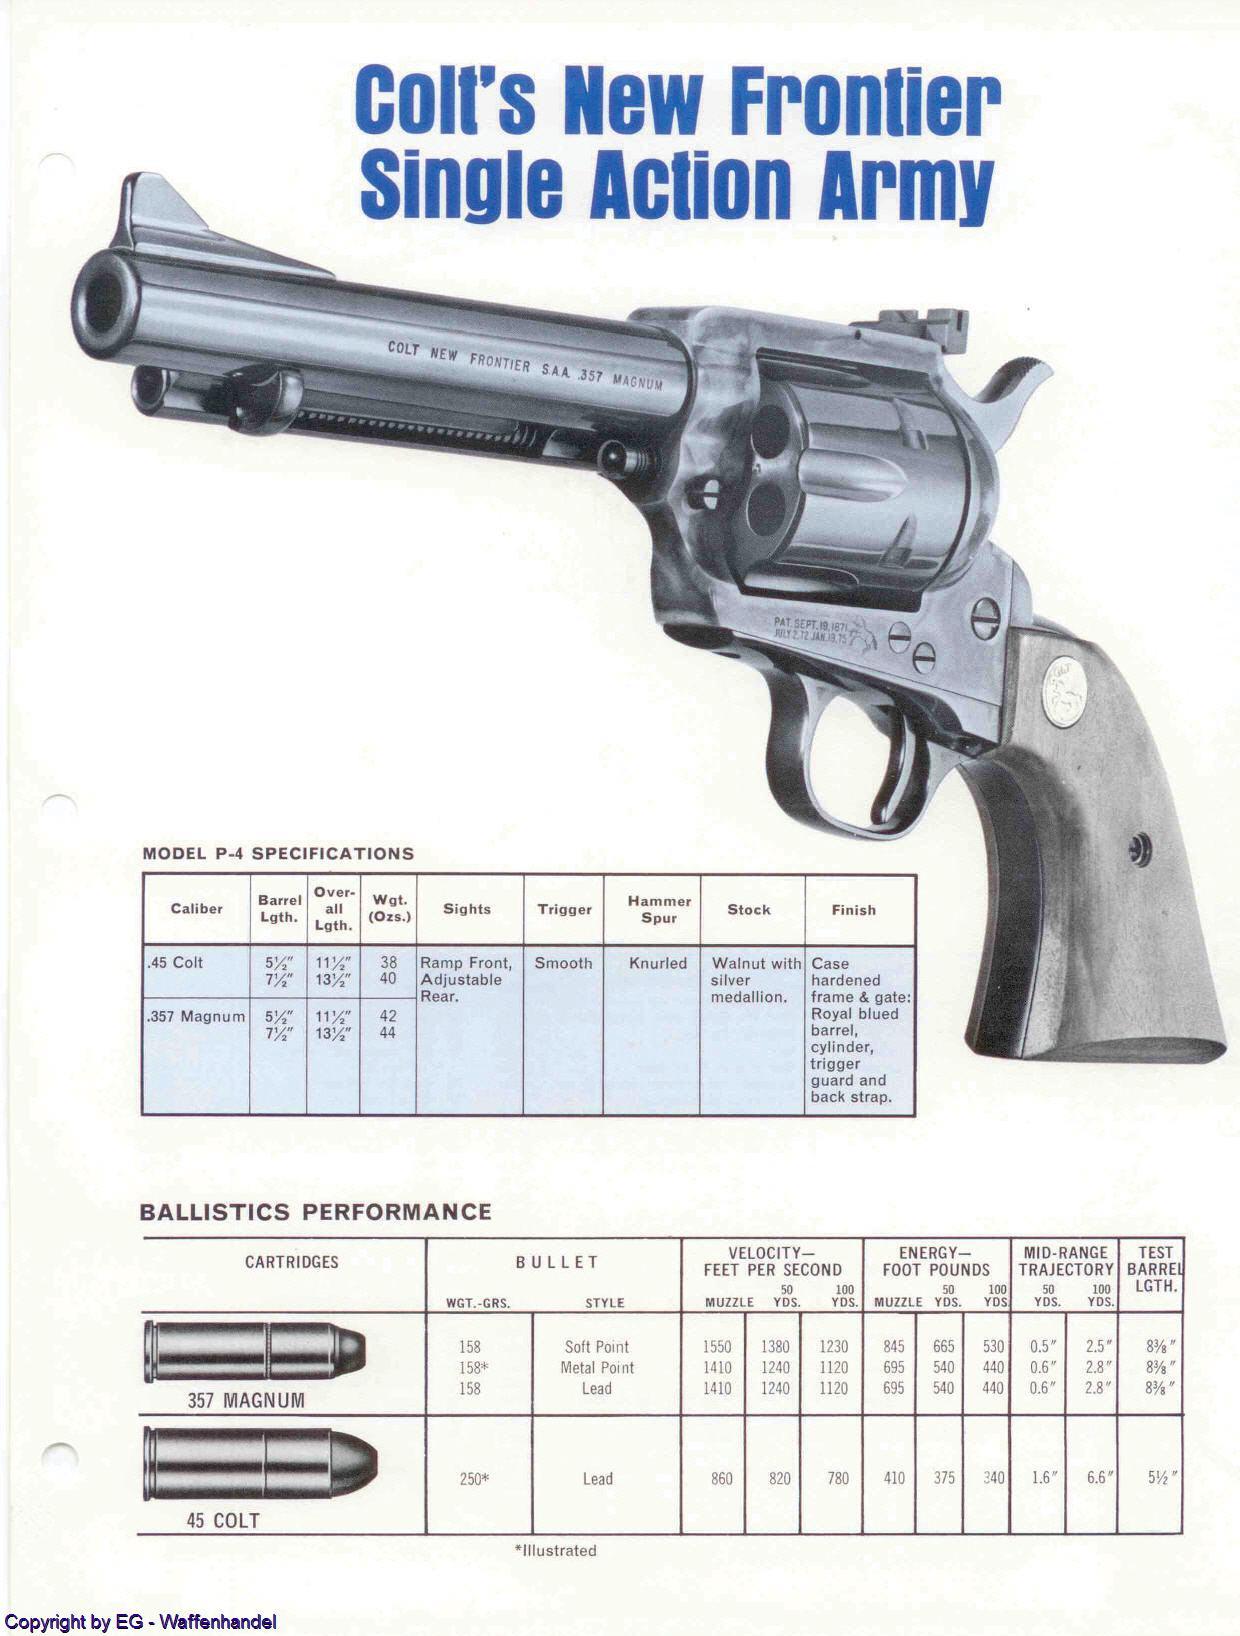 Bedienungsanleitungen & Explosionszeichnungen - EG-Waffenhandel